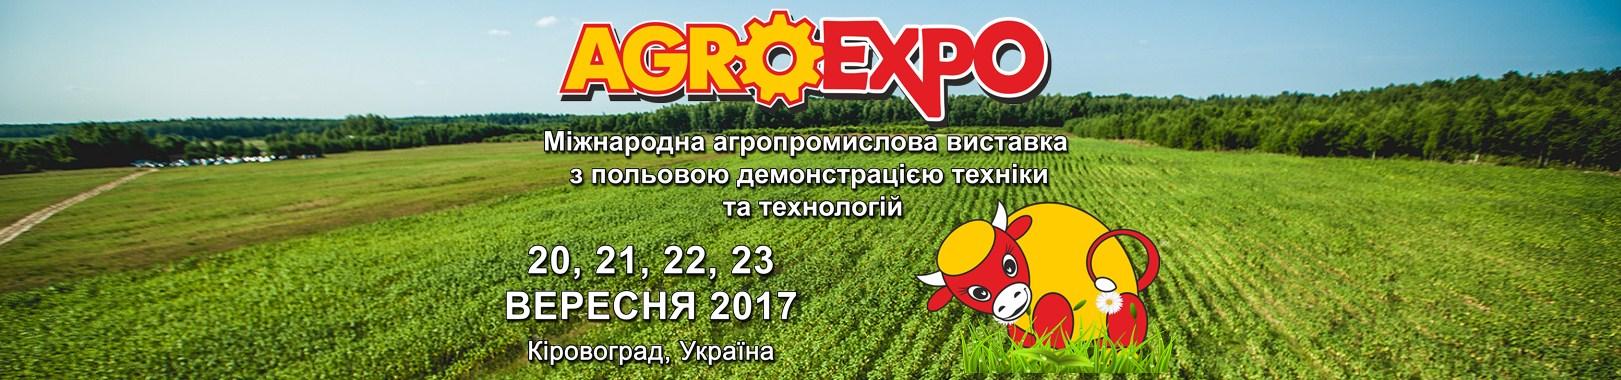 Agro Expo 2017